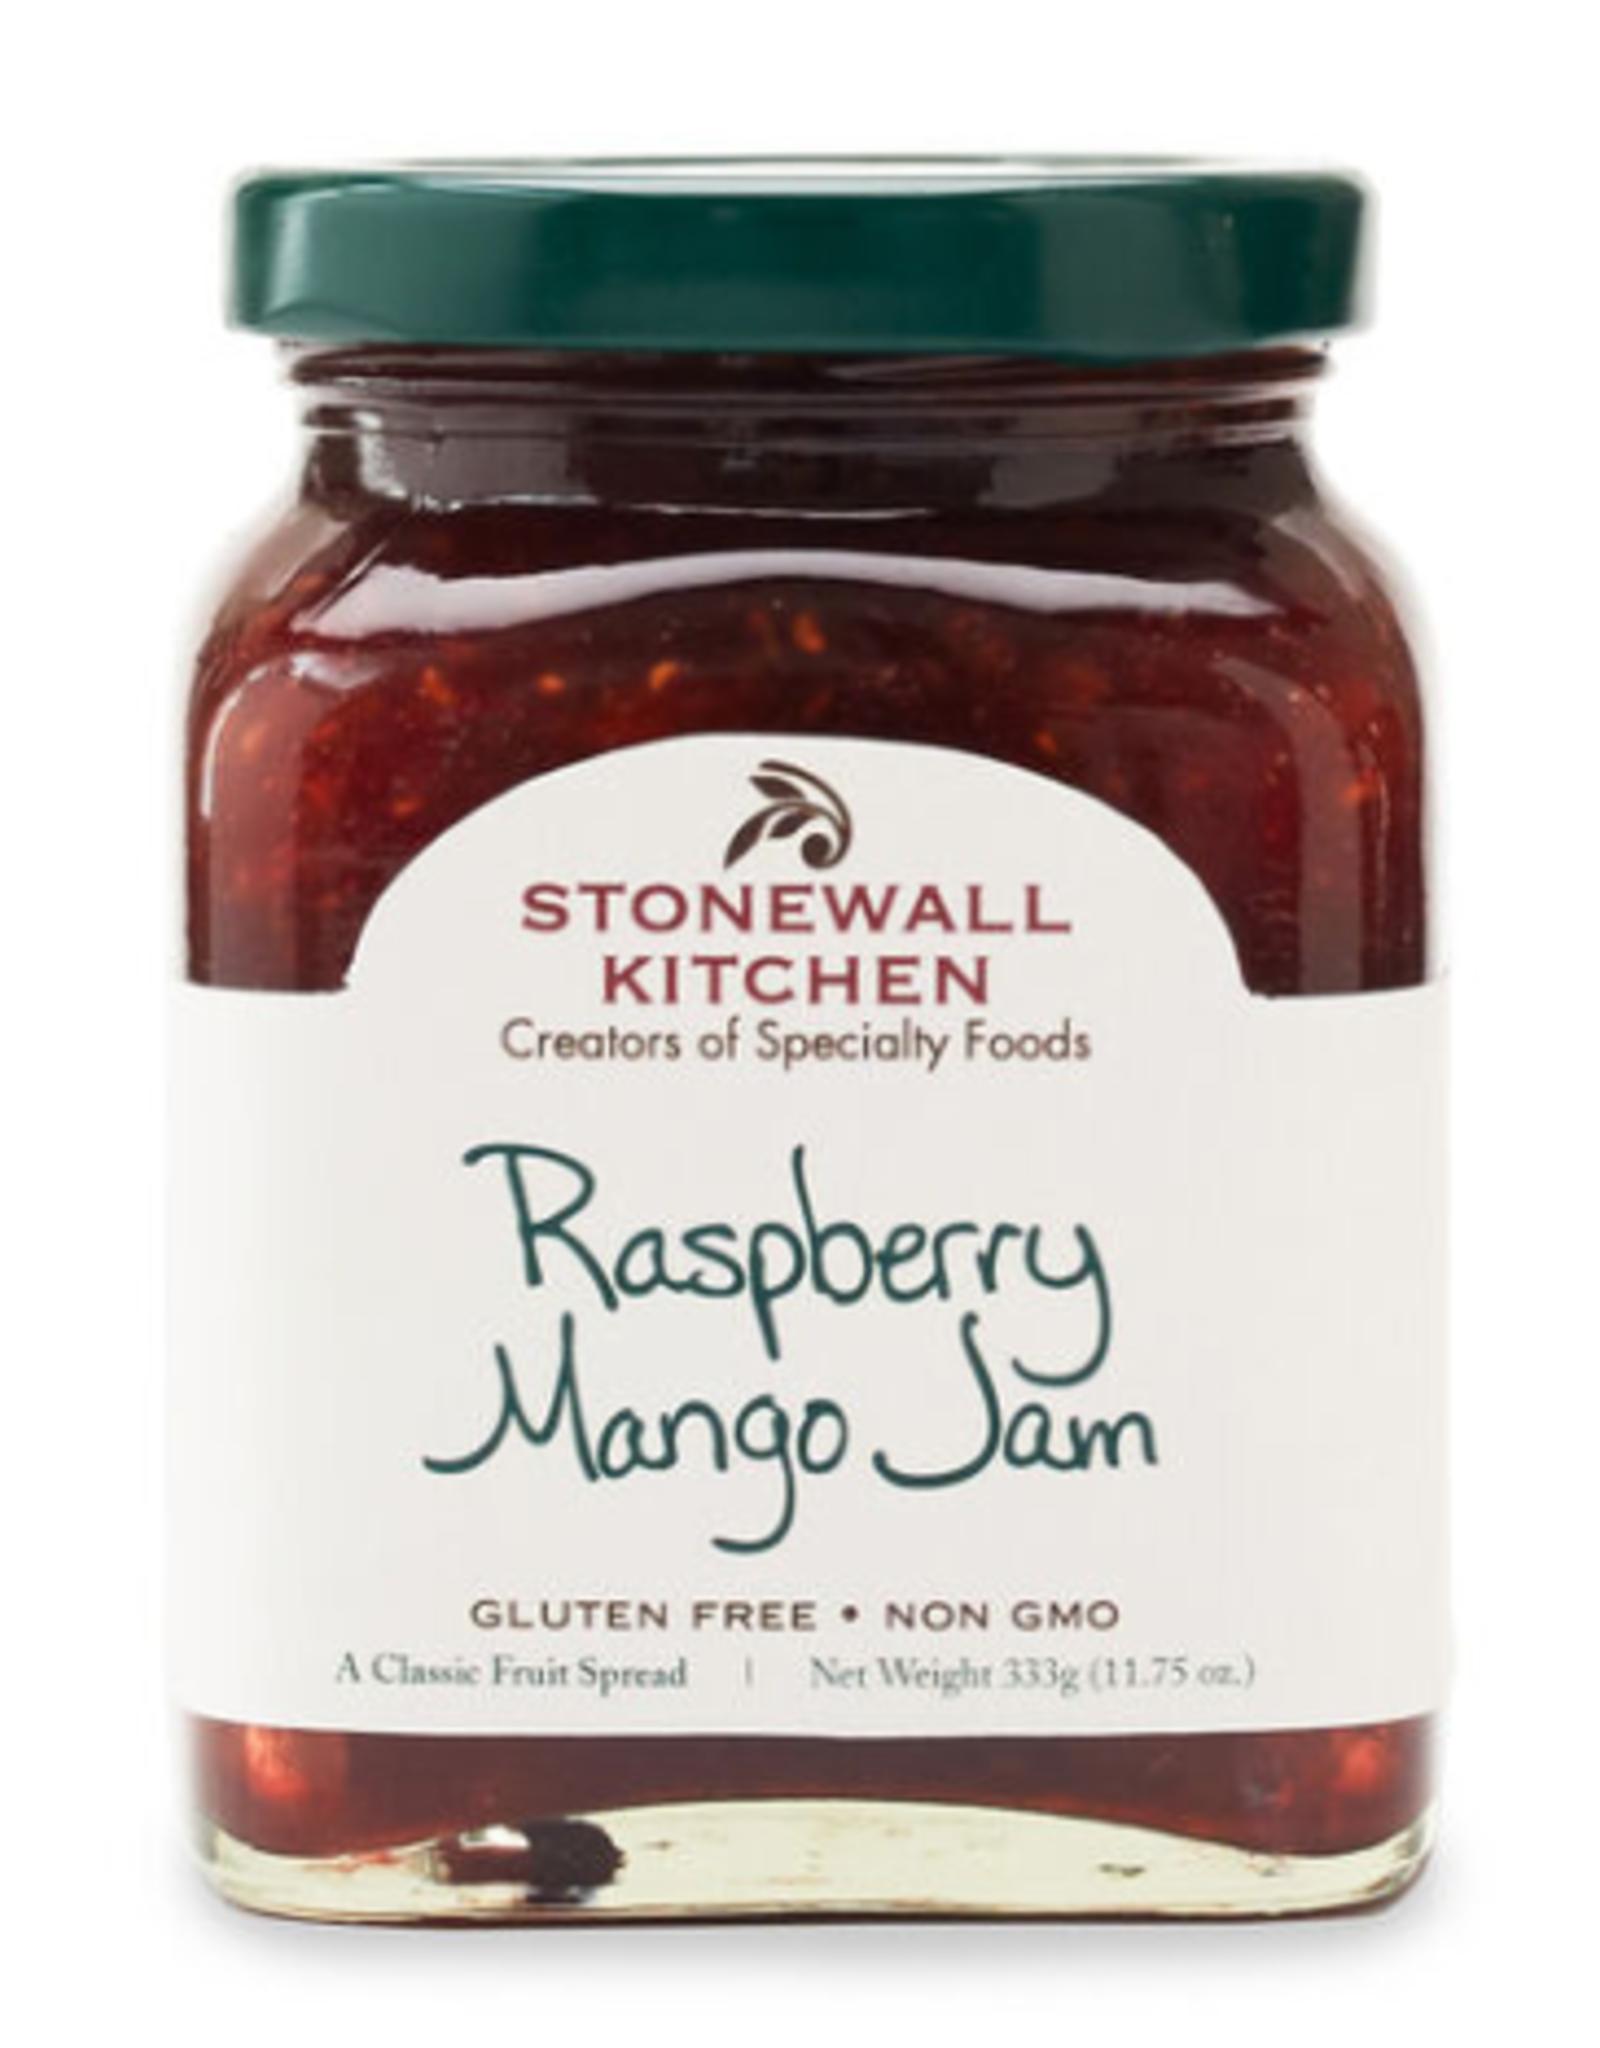 Stonewall Kitchen Raspberry Mango Jam